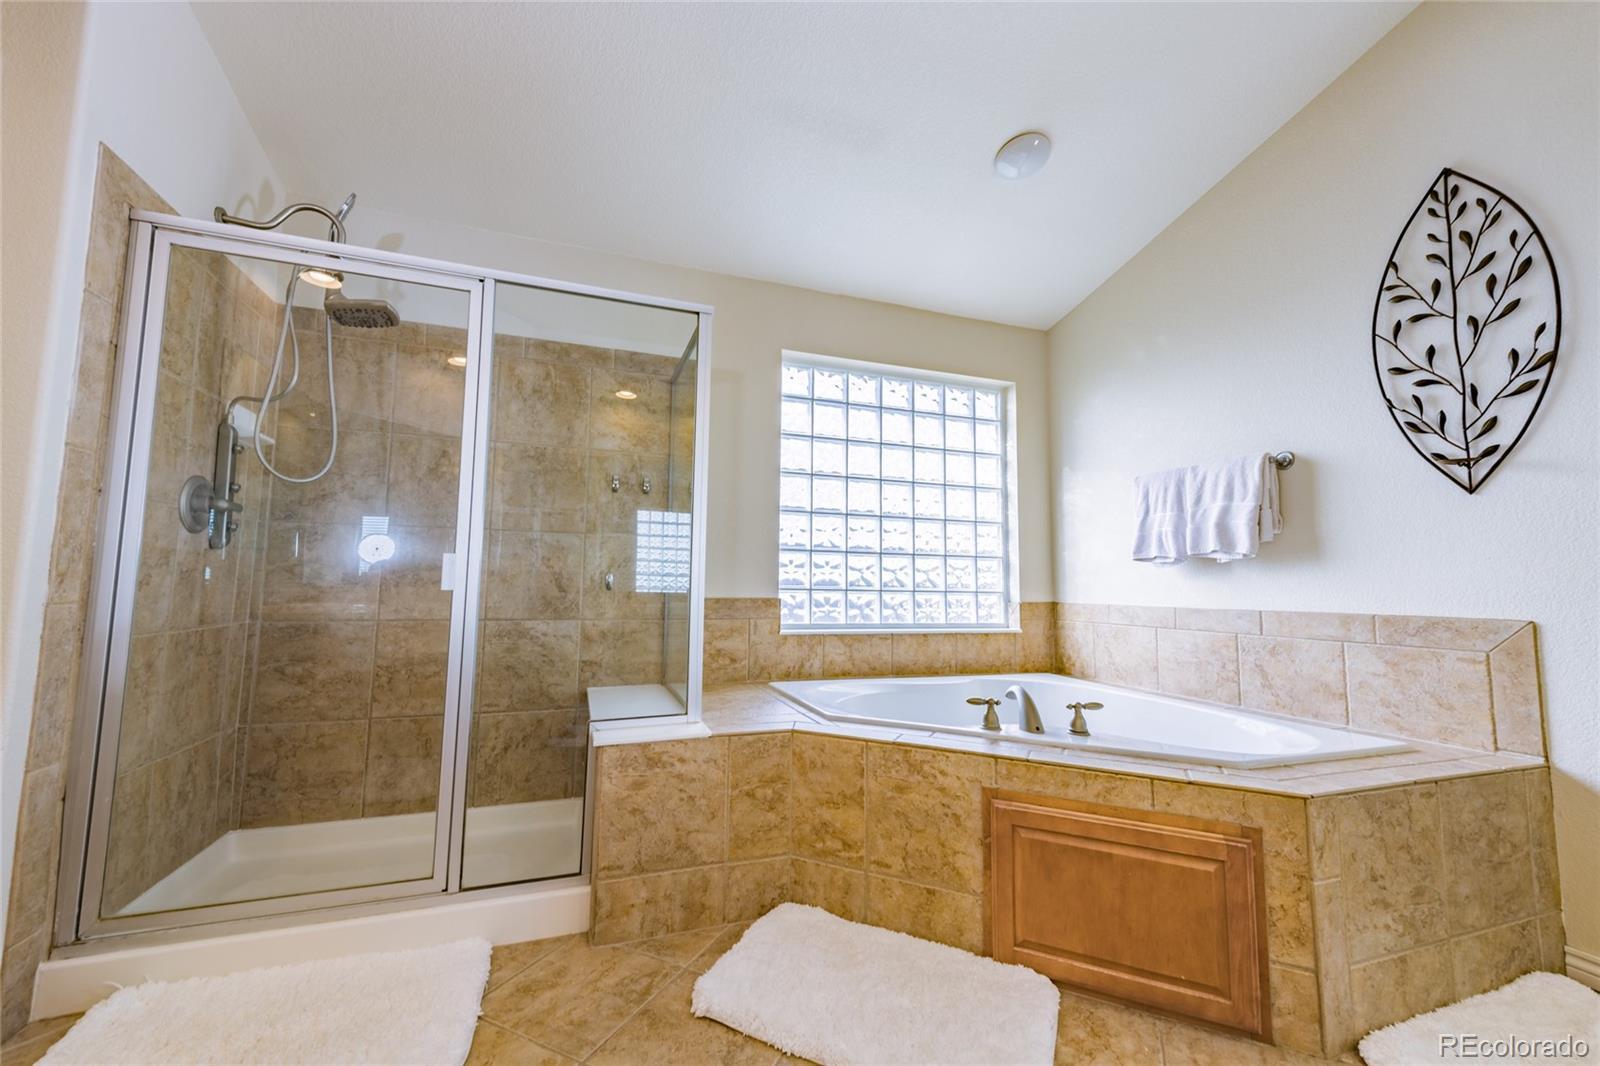 MLS# 1504228 - 22 - 1117 Titanite Place, Castle Rock, CO 80108